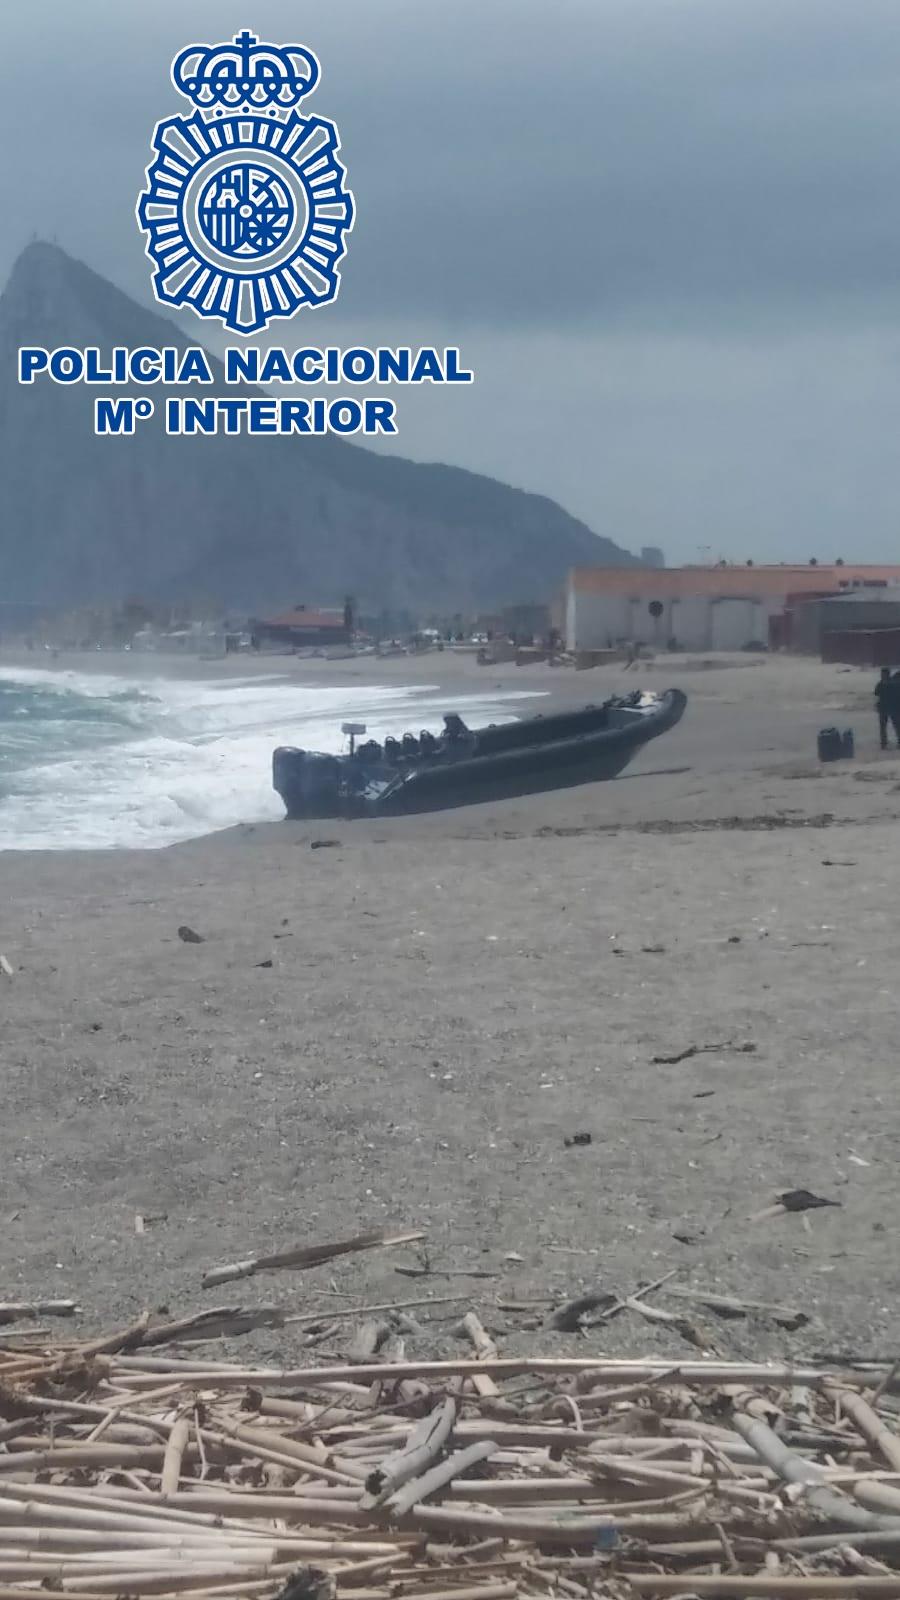 La Policía rescata a seis personas tras la colisión de dos embarcaciones semirrígidas